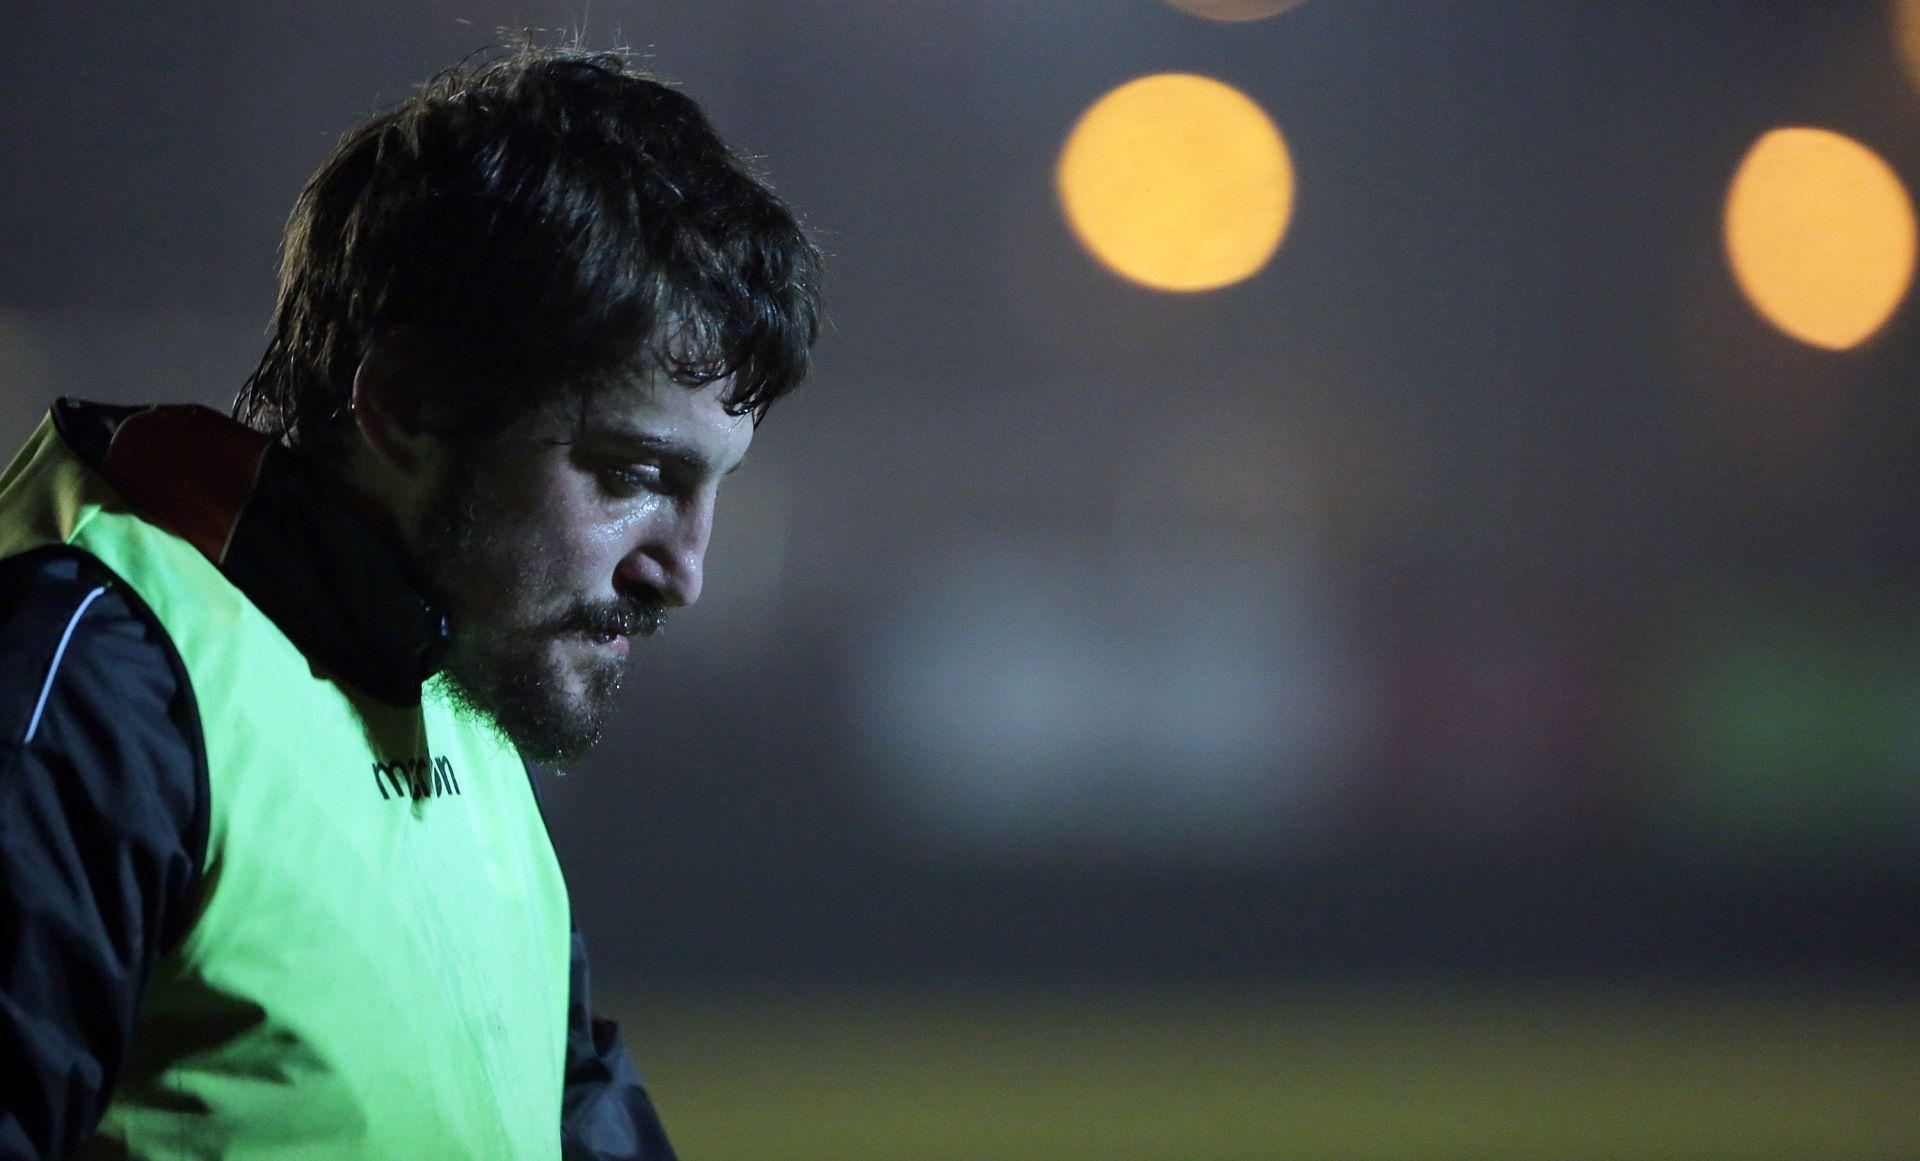 UEFA NEMILOSRDNA Odbijena žalba, Ademiju potvrđena četverogodišnja suspenzija